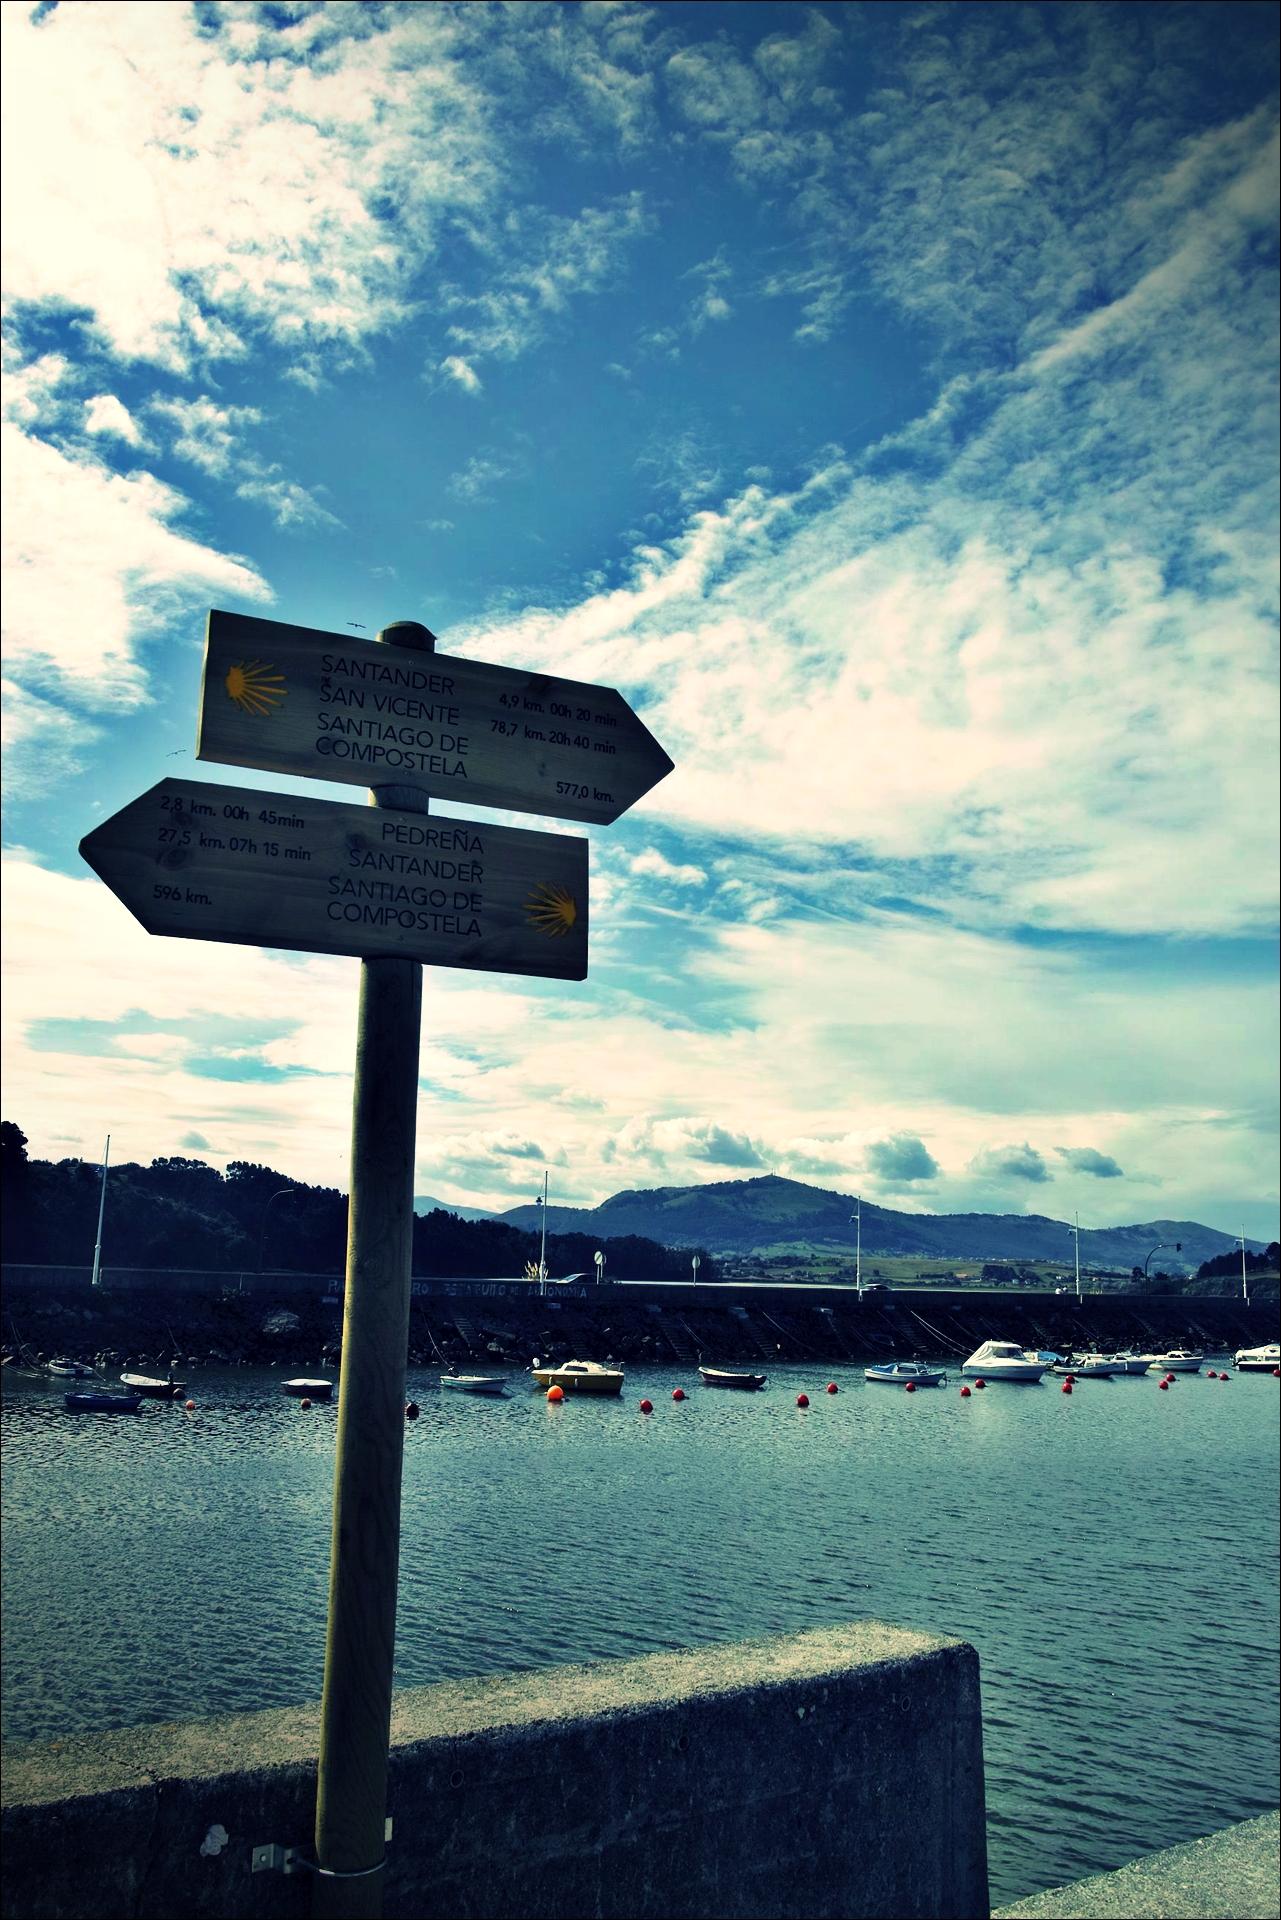 산티아고 이정표-'카미노 데 산티아고 북쪽길. 궤메스에서 산탄데르. (Camino del Norte - Güemes to Santander)'